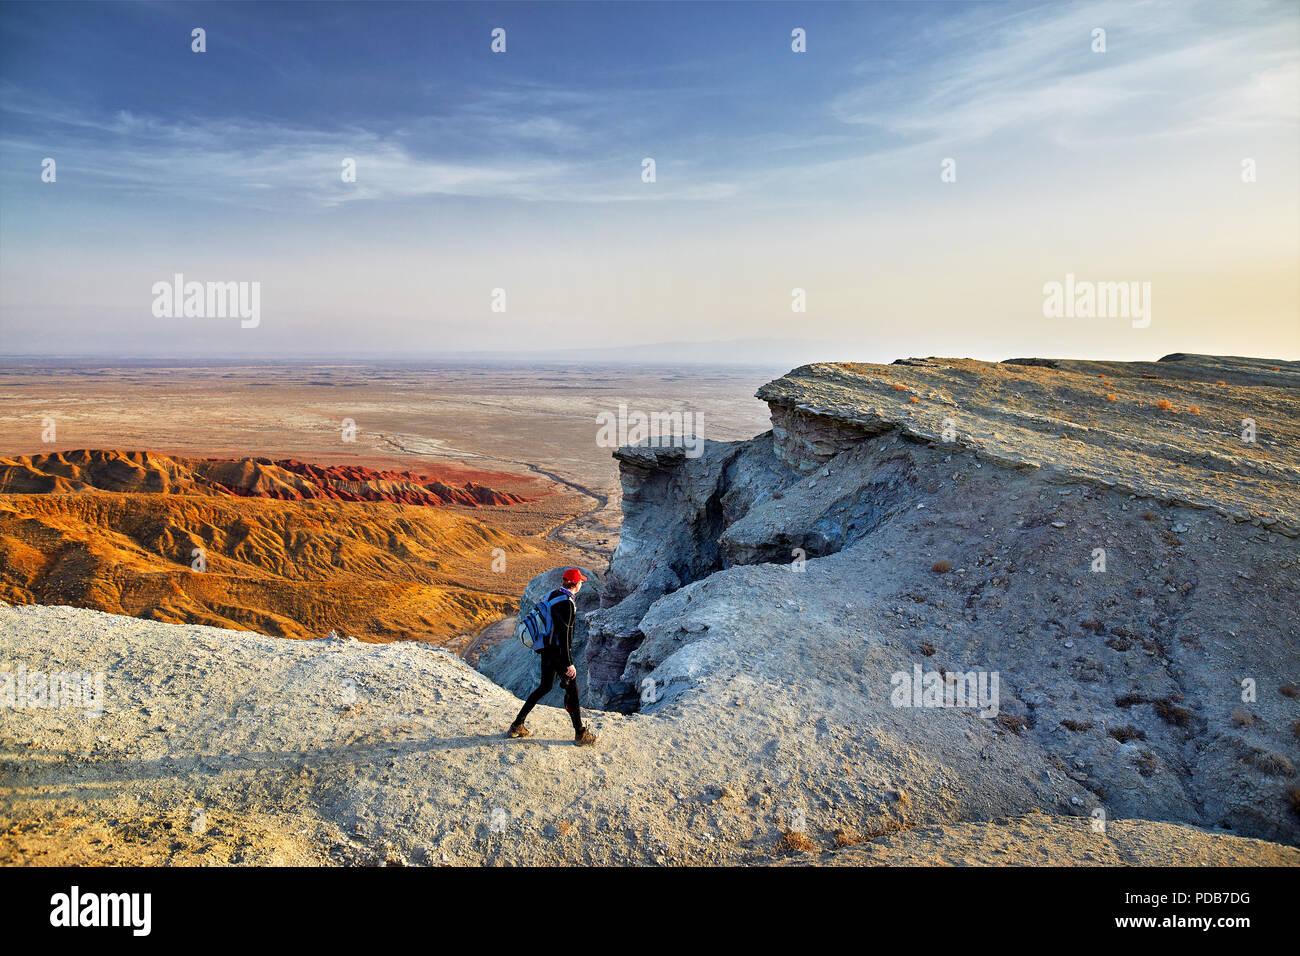 Touristische wandern im surrealen weiße Berge im Desert Park Altyn Emel in Kasachstan Stockbild